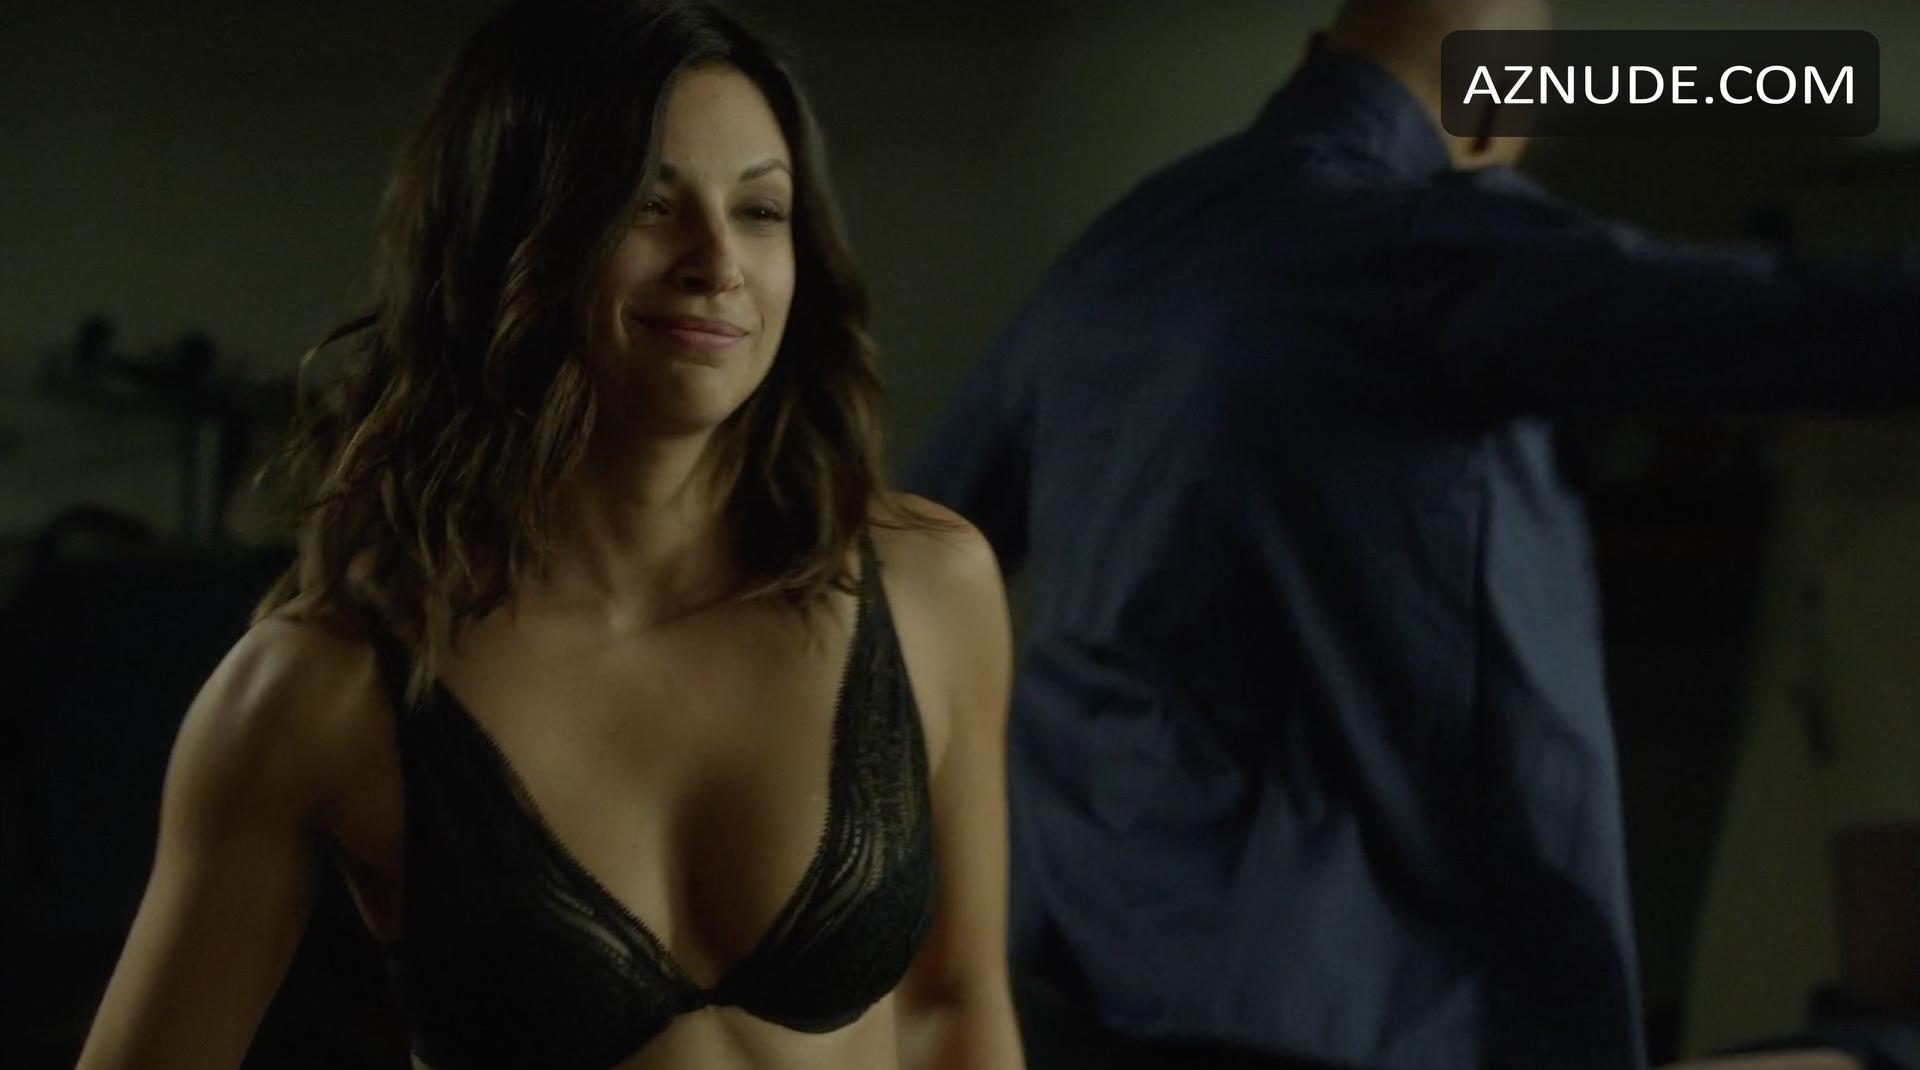 Floriana Lima Nude - Aznude